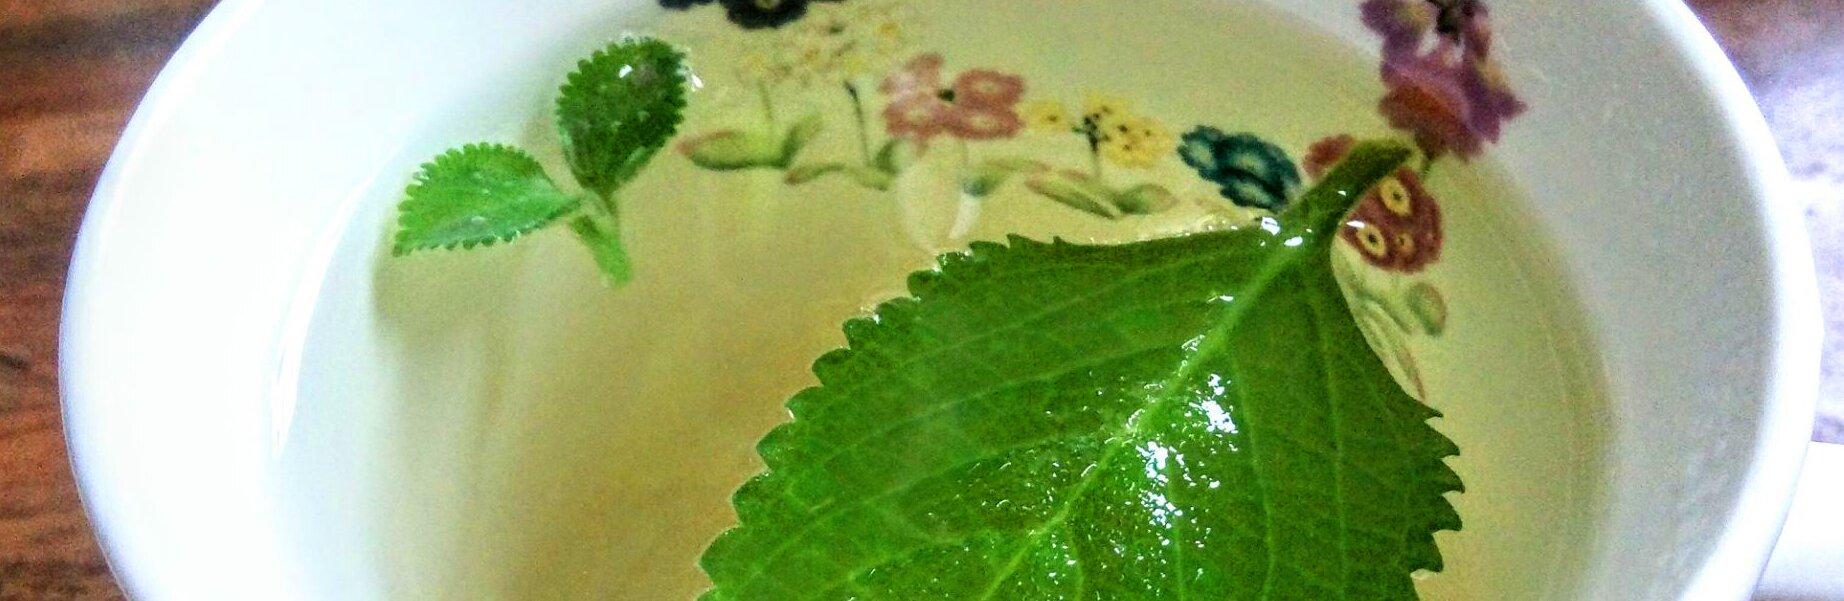 Zioła w domu. Rośliny doniczkowe, które możesz zjeść!